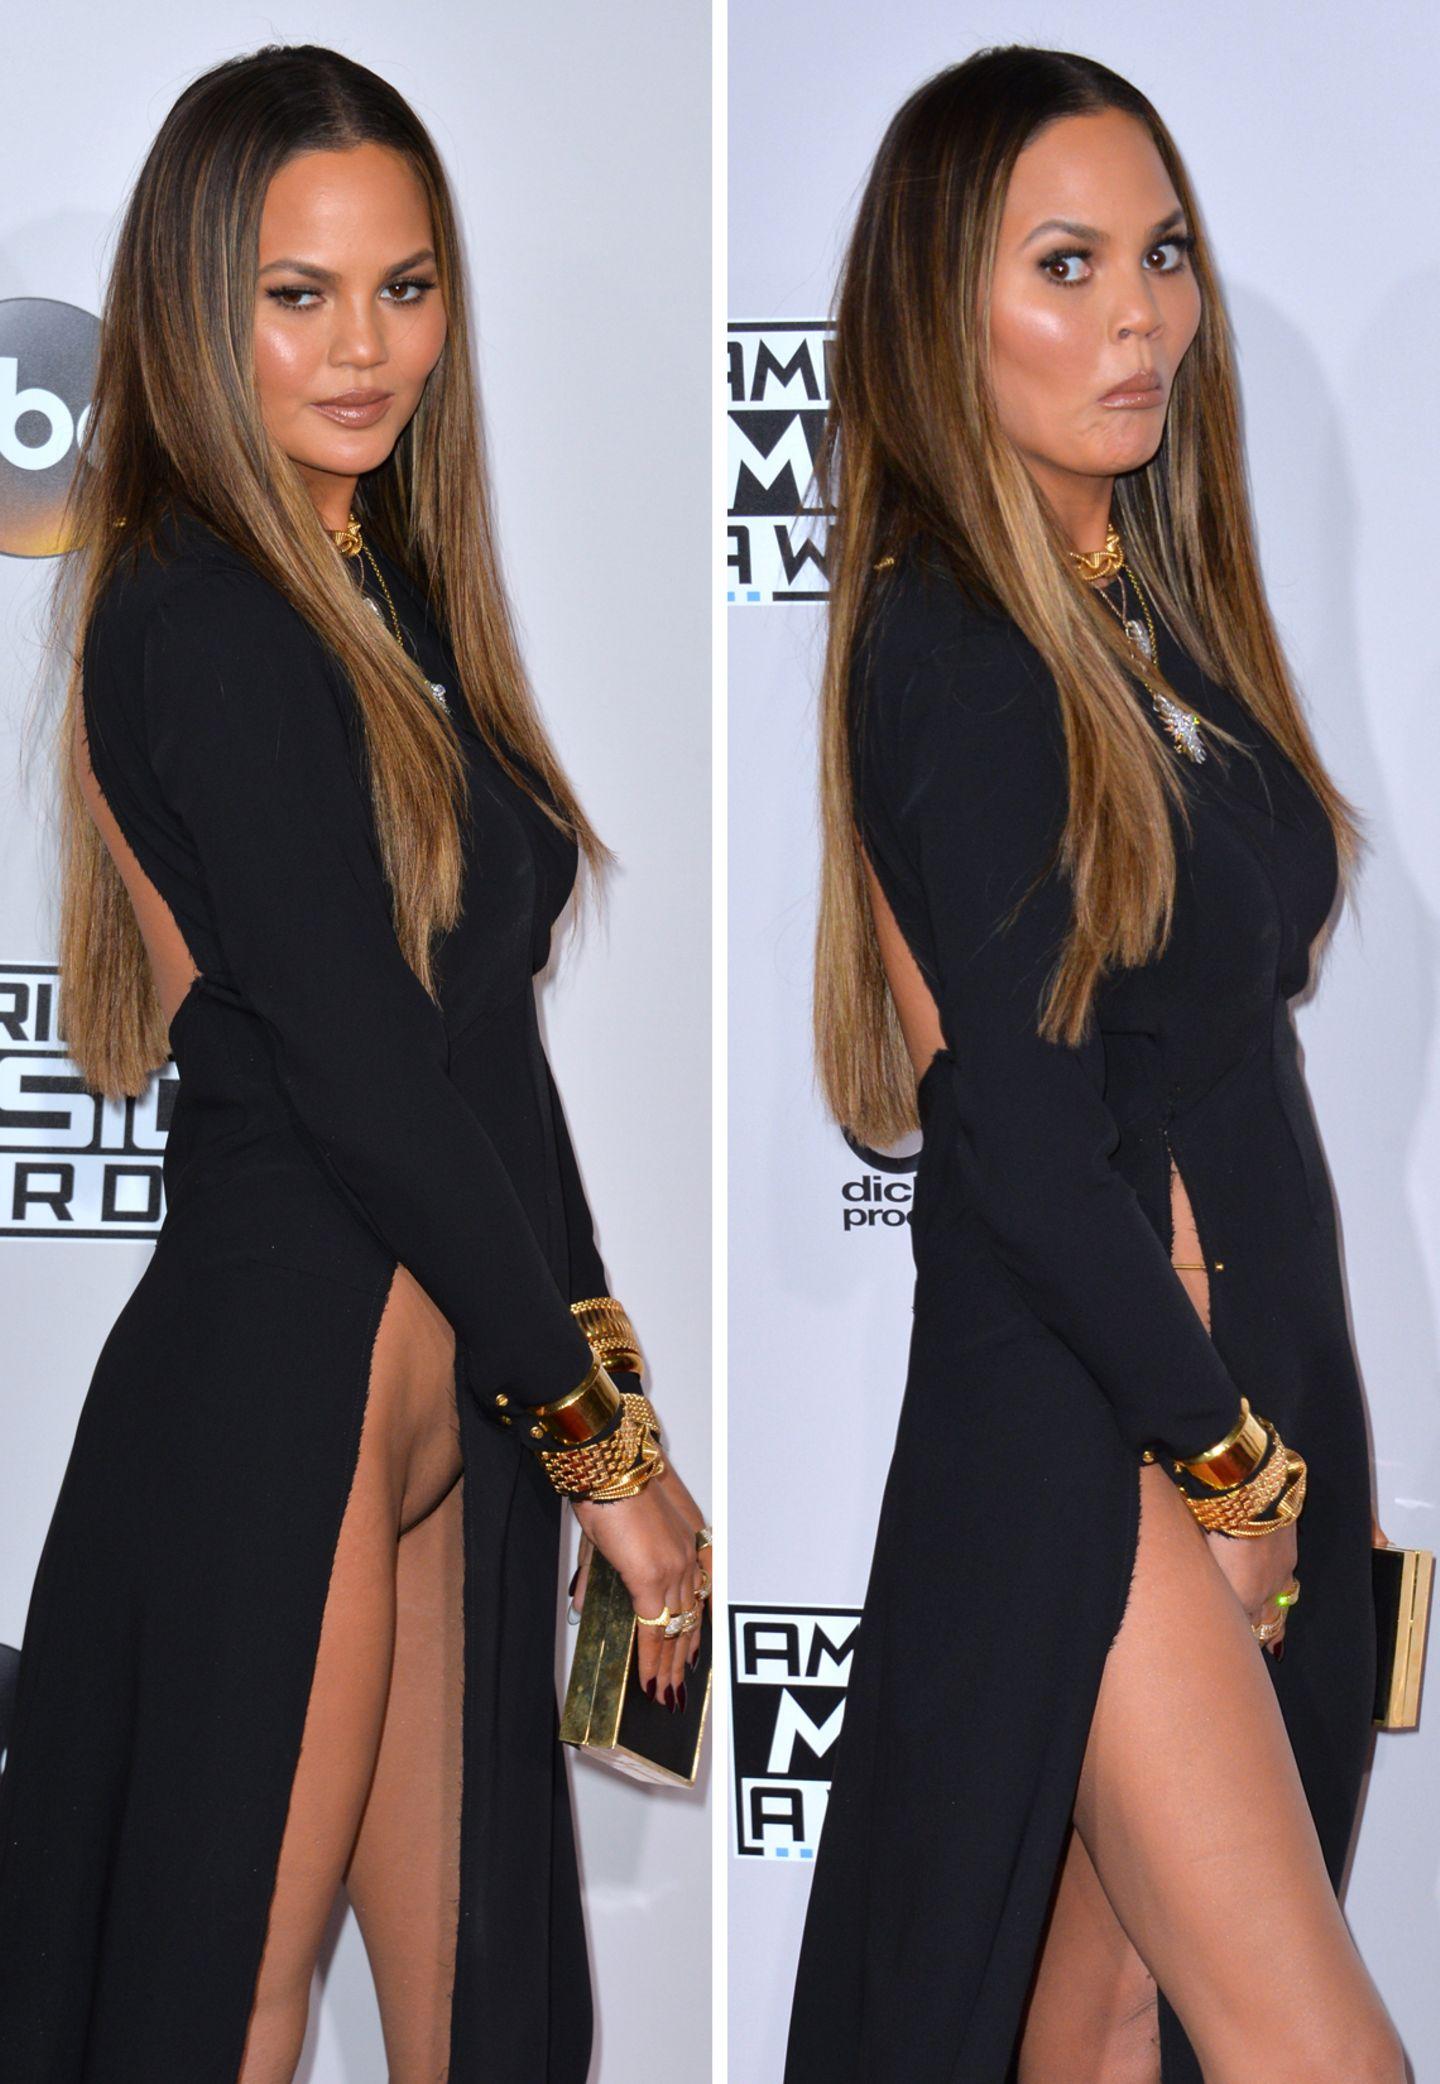 """Der wohl peinlichste Moment in Chrissy Teigens Leben: Auf dem Red Carpet der """"American Music Awards 2016"""" verrutscht ihr hochgeschlitztes Kleid und legt ihren Intimbereich frei. Jetzt weiß die ganze Welt, wie es das Model mit der Intimraus hält."""